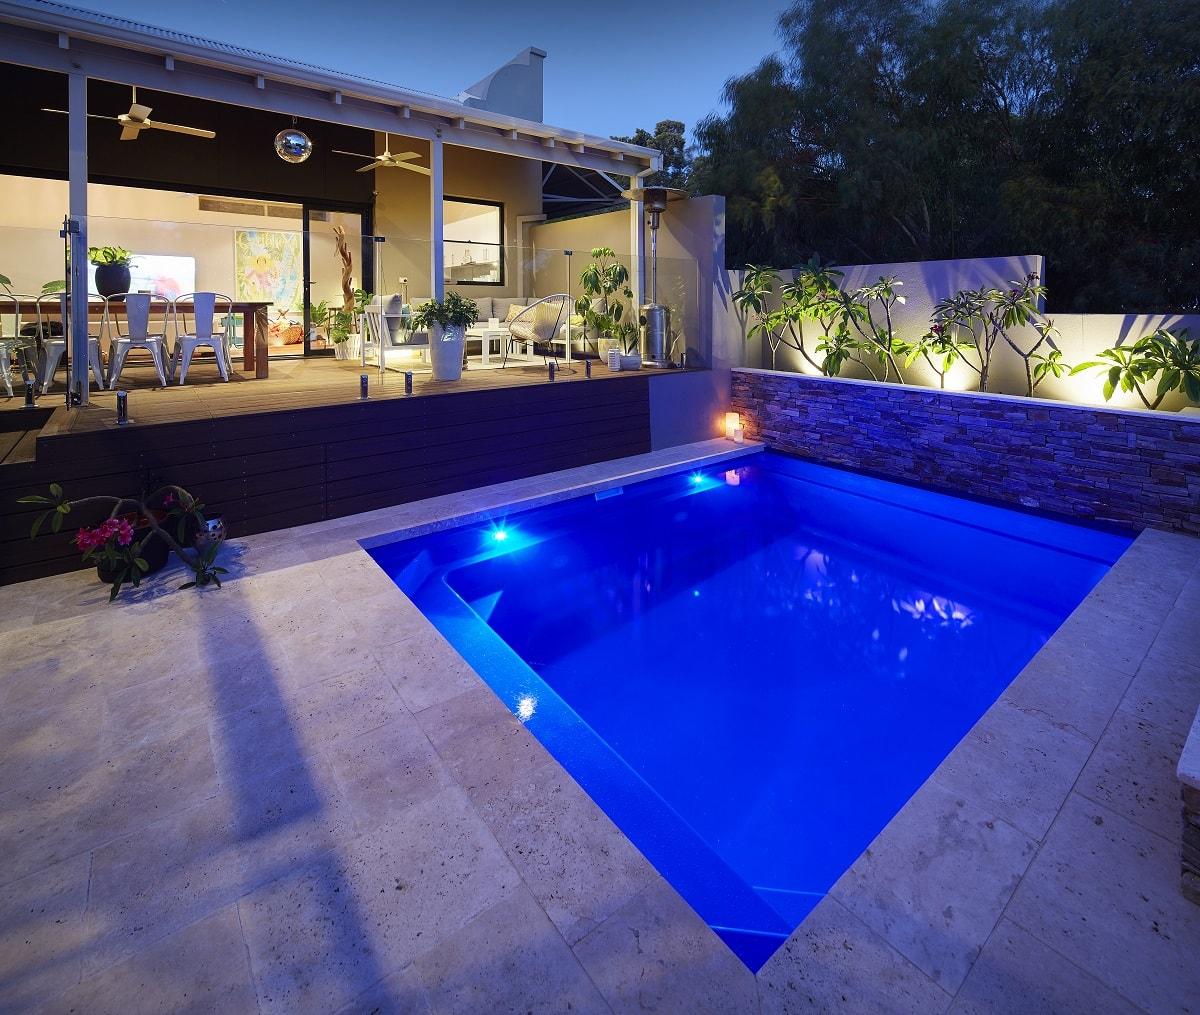 4-7m-plunge-pool-royal-blue-shimmer-east-fremantle-3-min